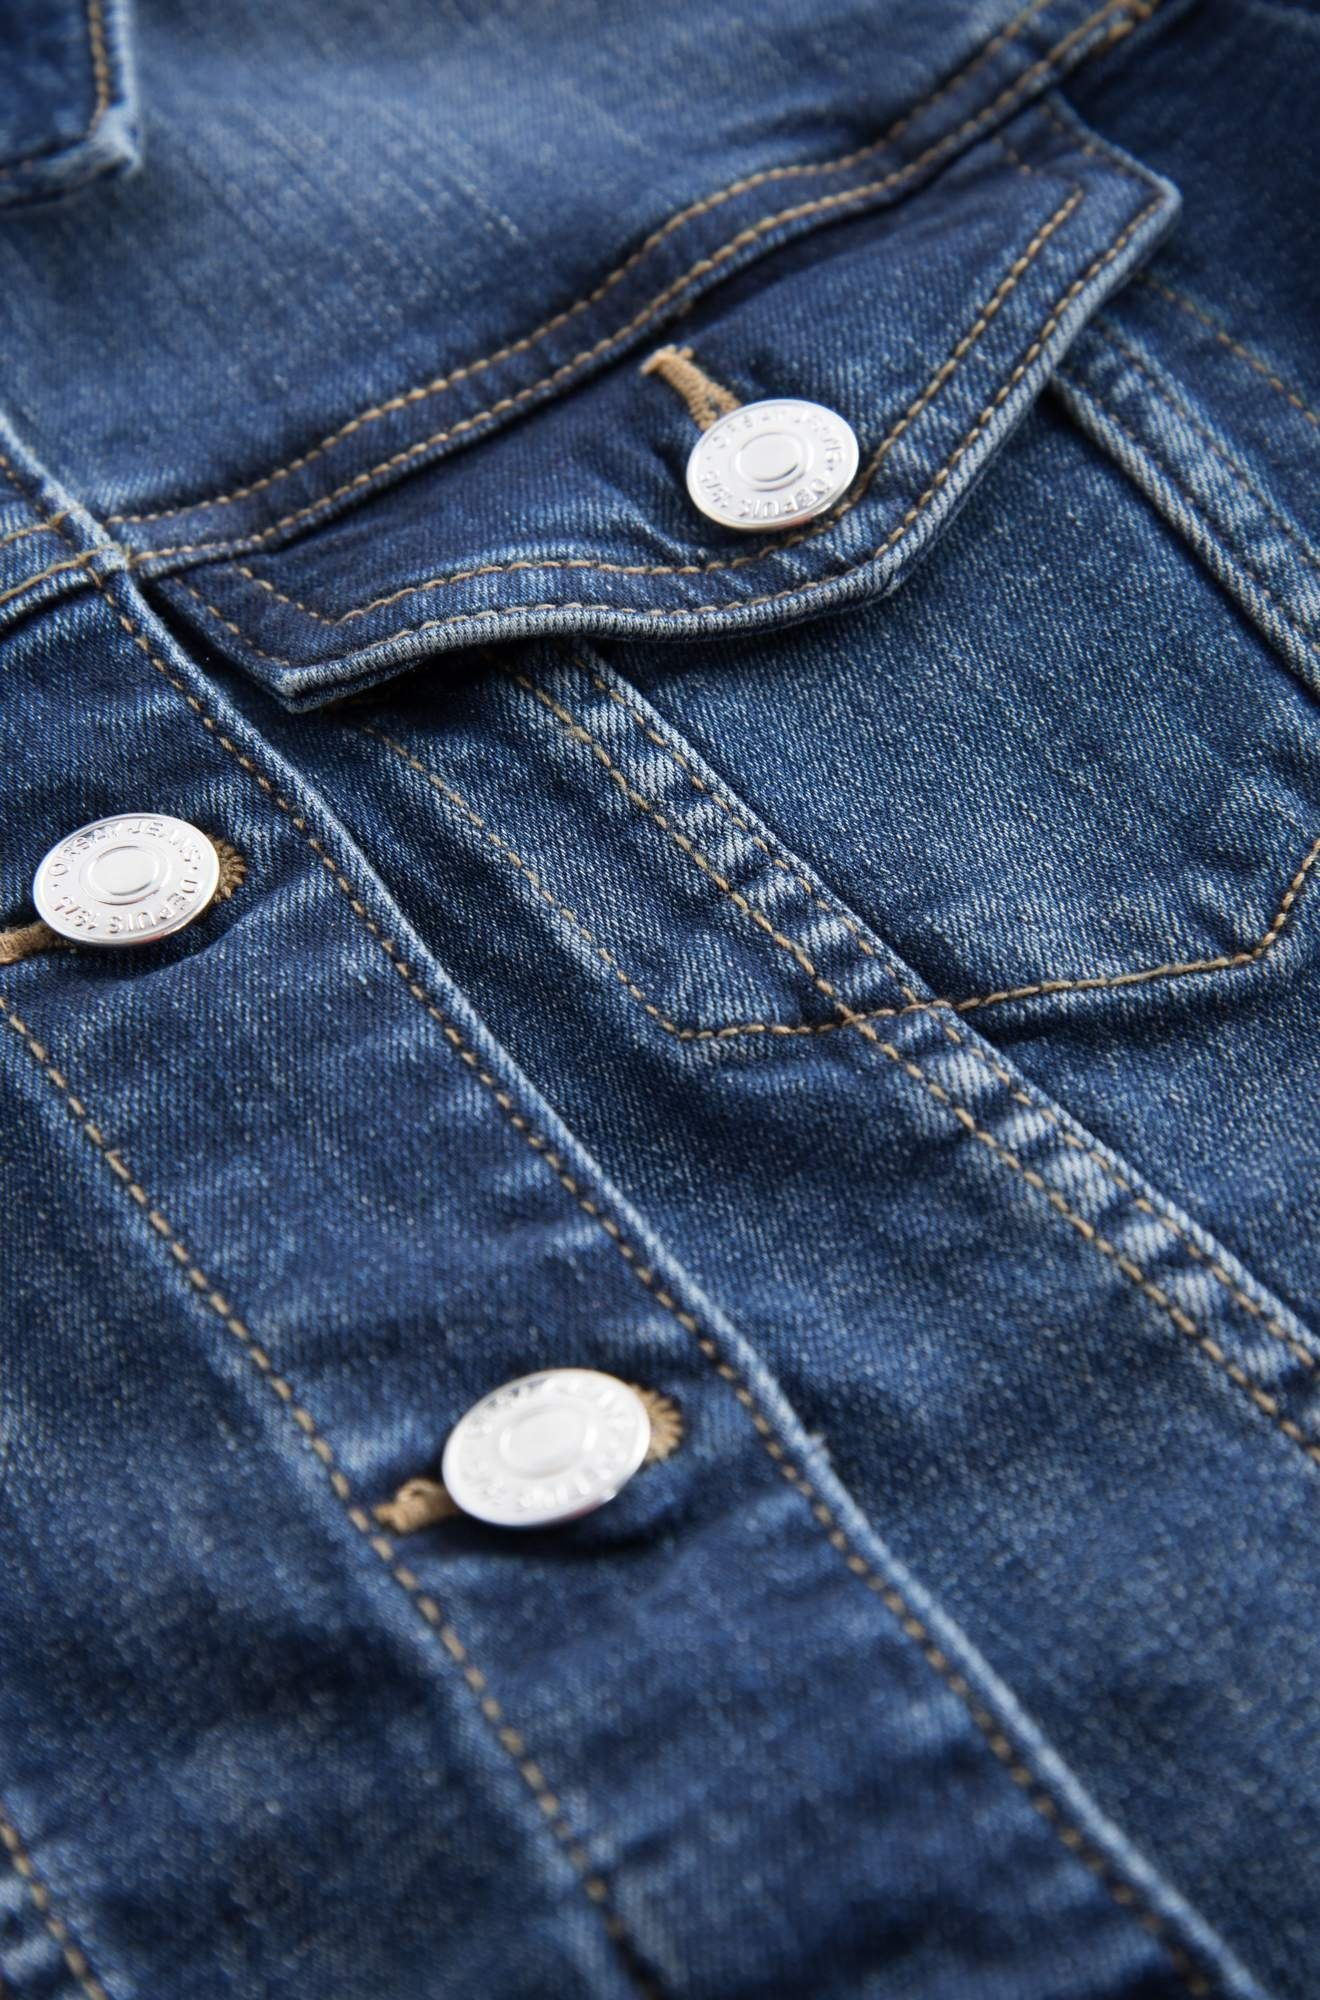 Orsay Jeansjacke Passform Kaufen Orsay Orsay Kaufen Passform Figurbetonte Jeansjacke Figurbetonte EWYH29ID